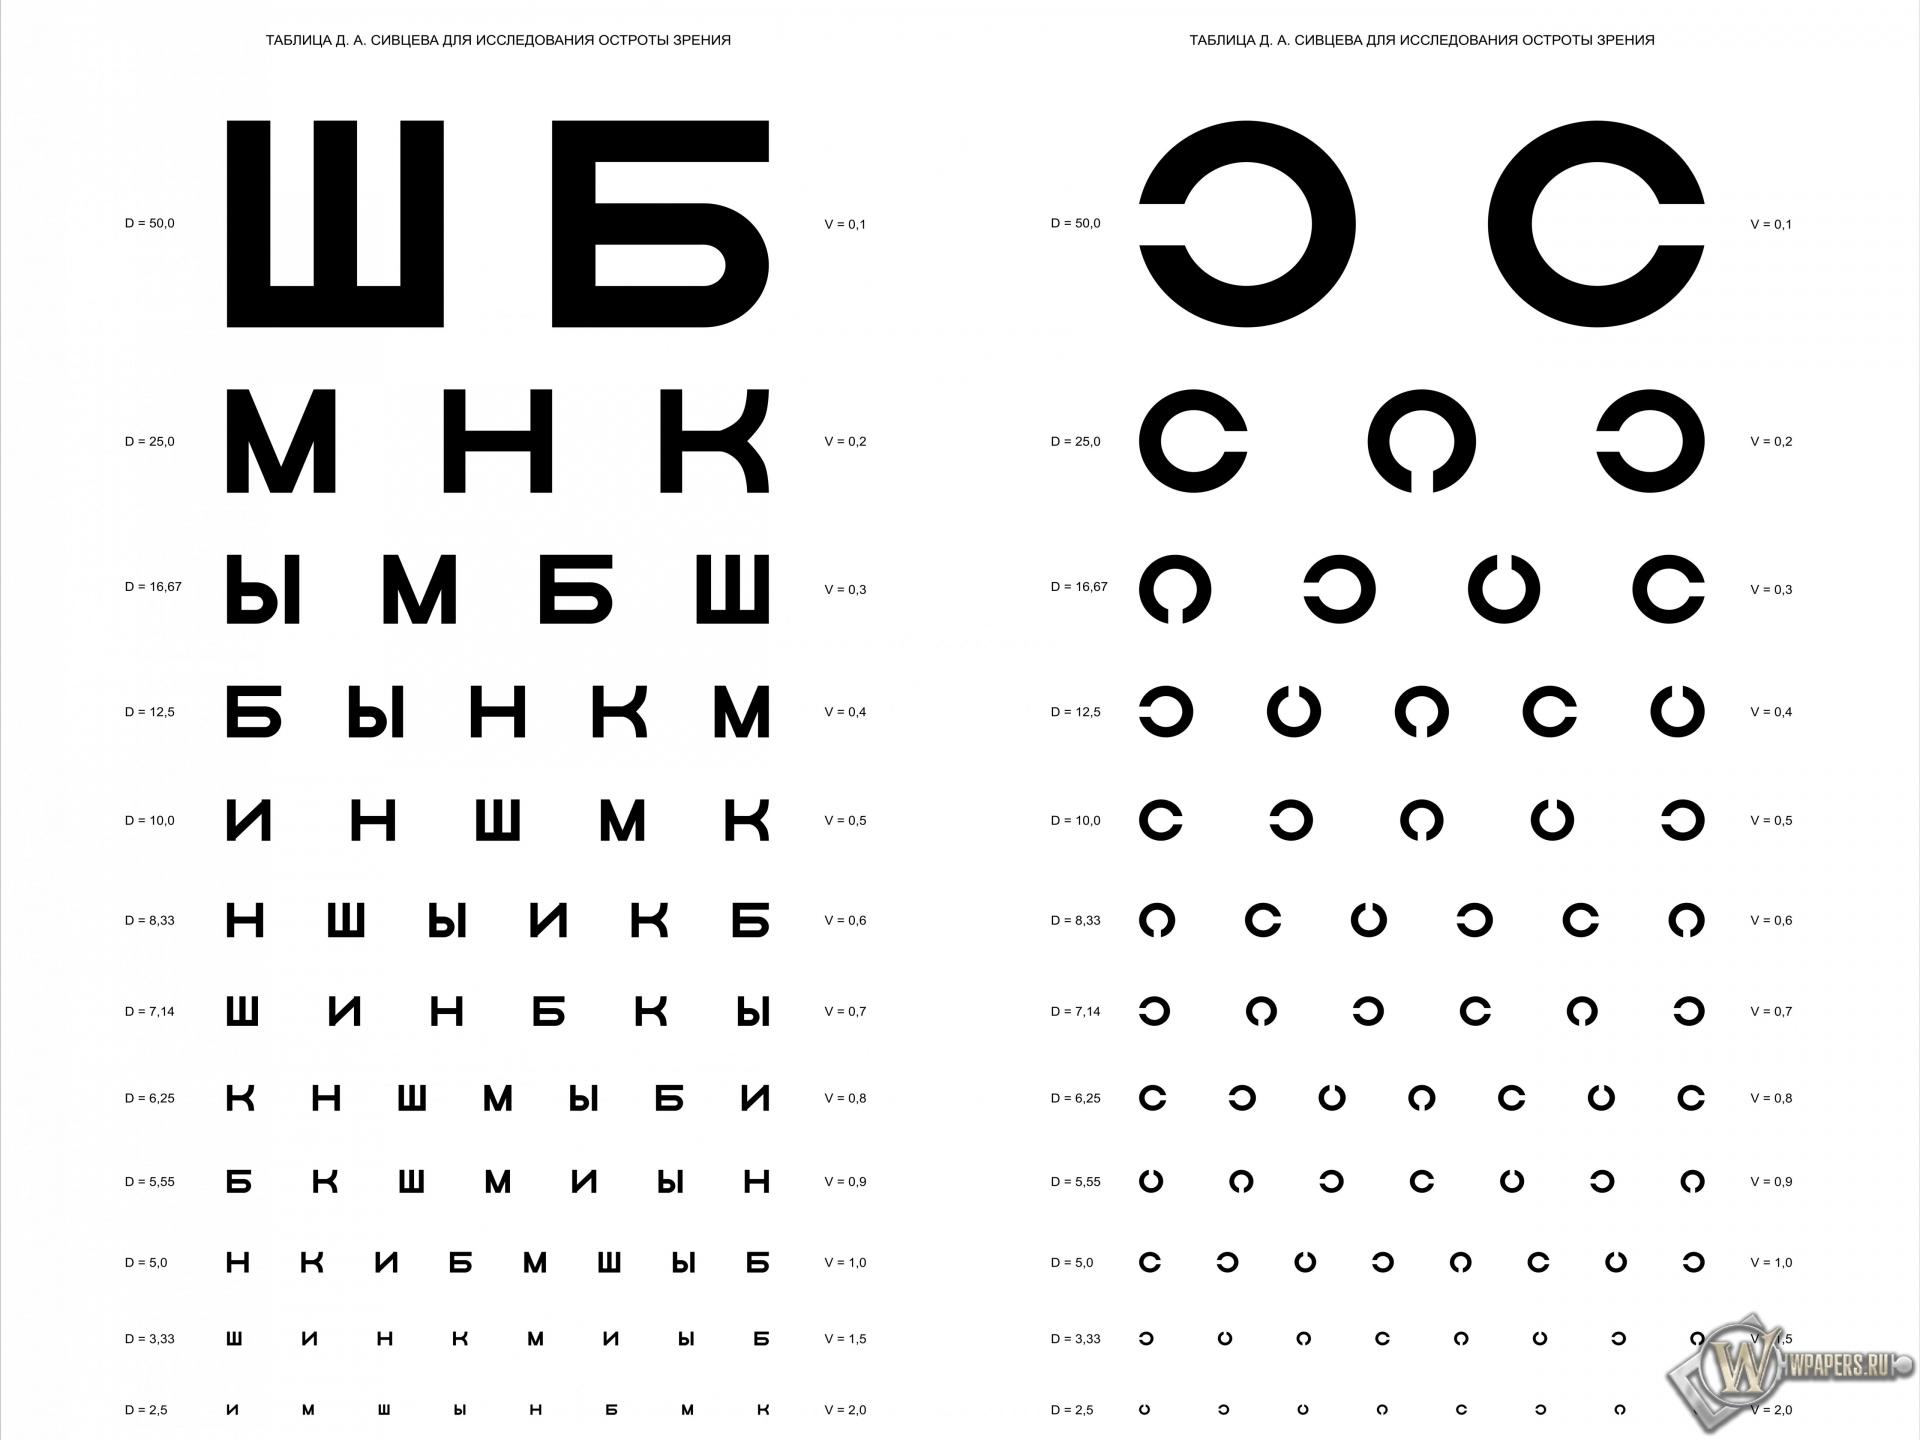 Таблица Д.А. Сивцева для проверки зрения 1920x1440